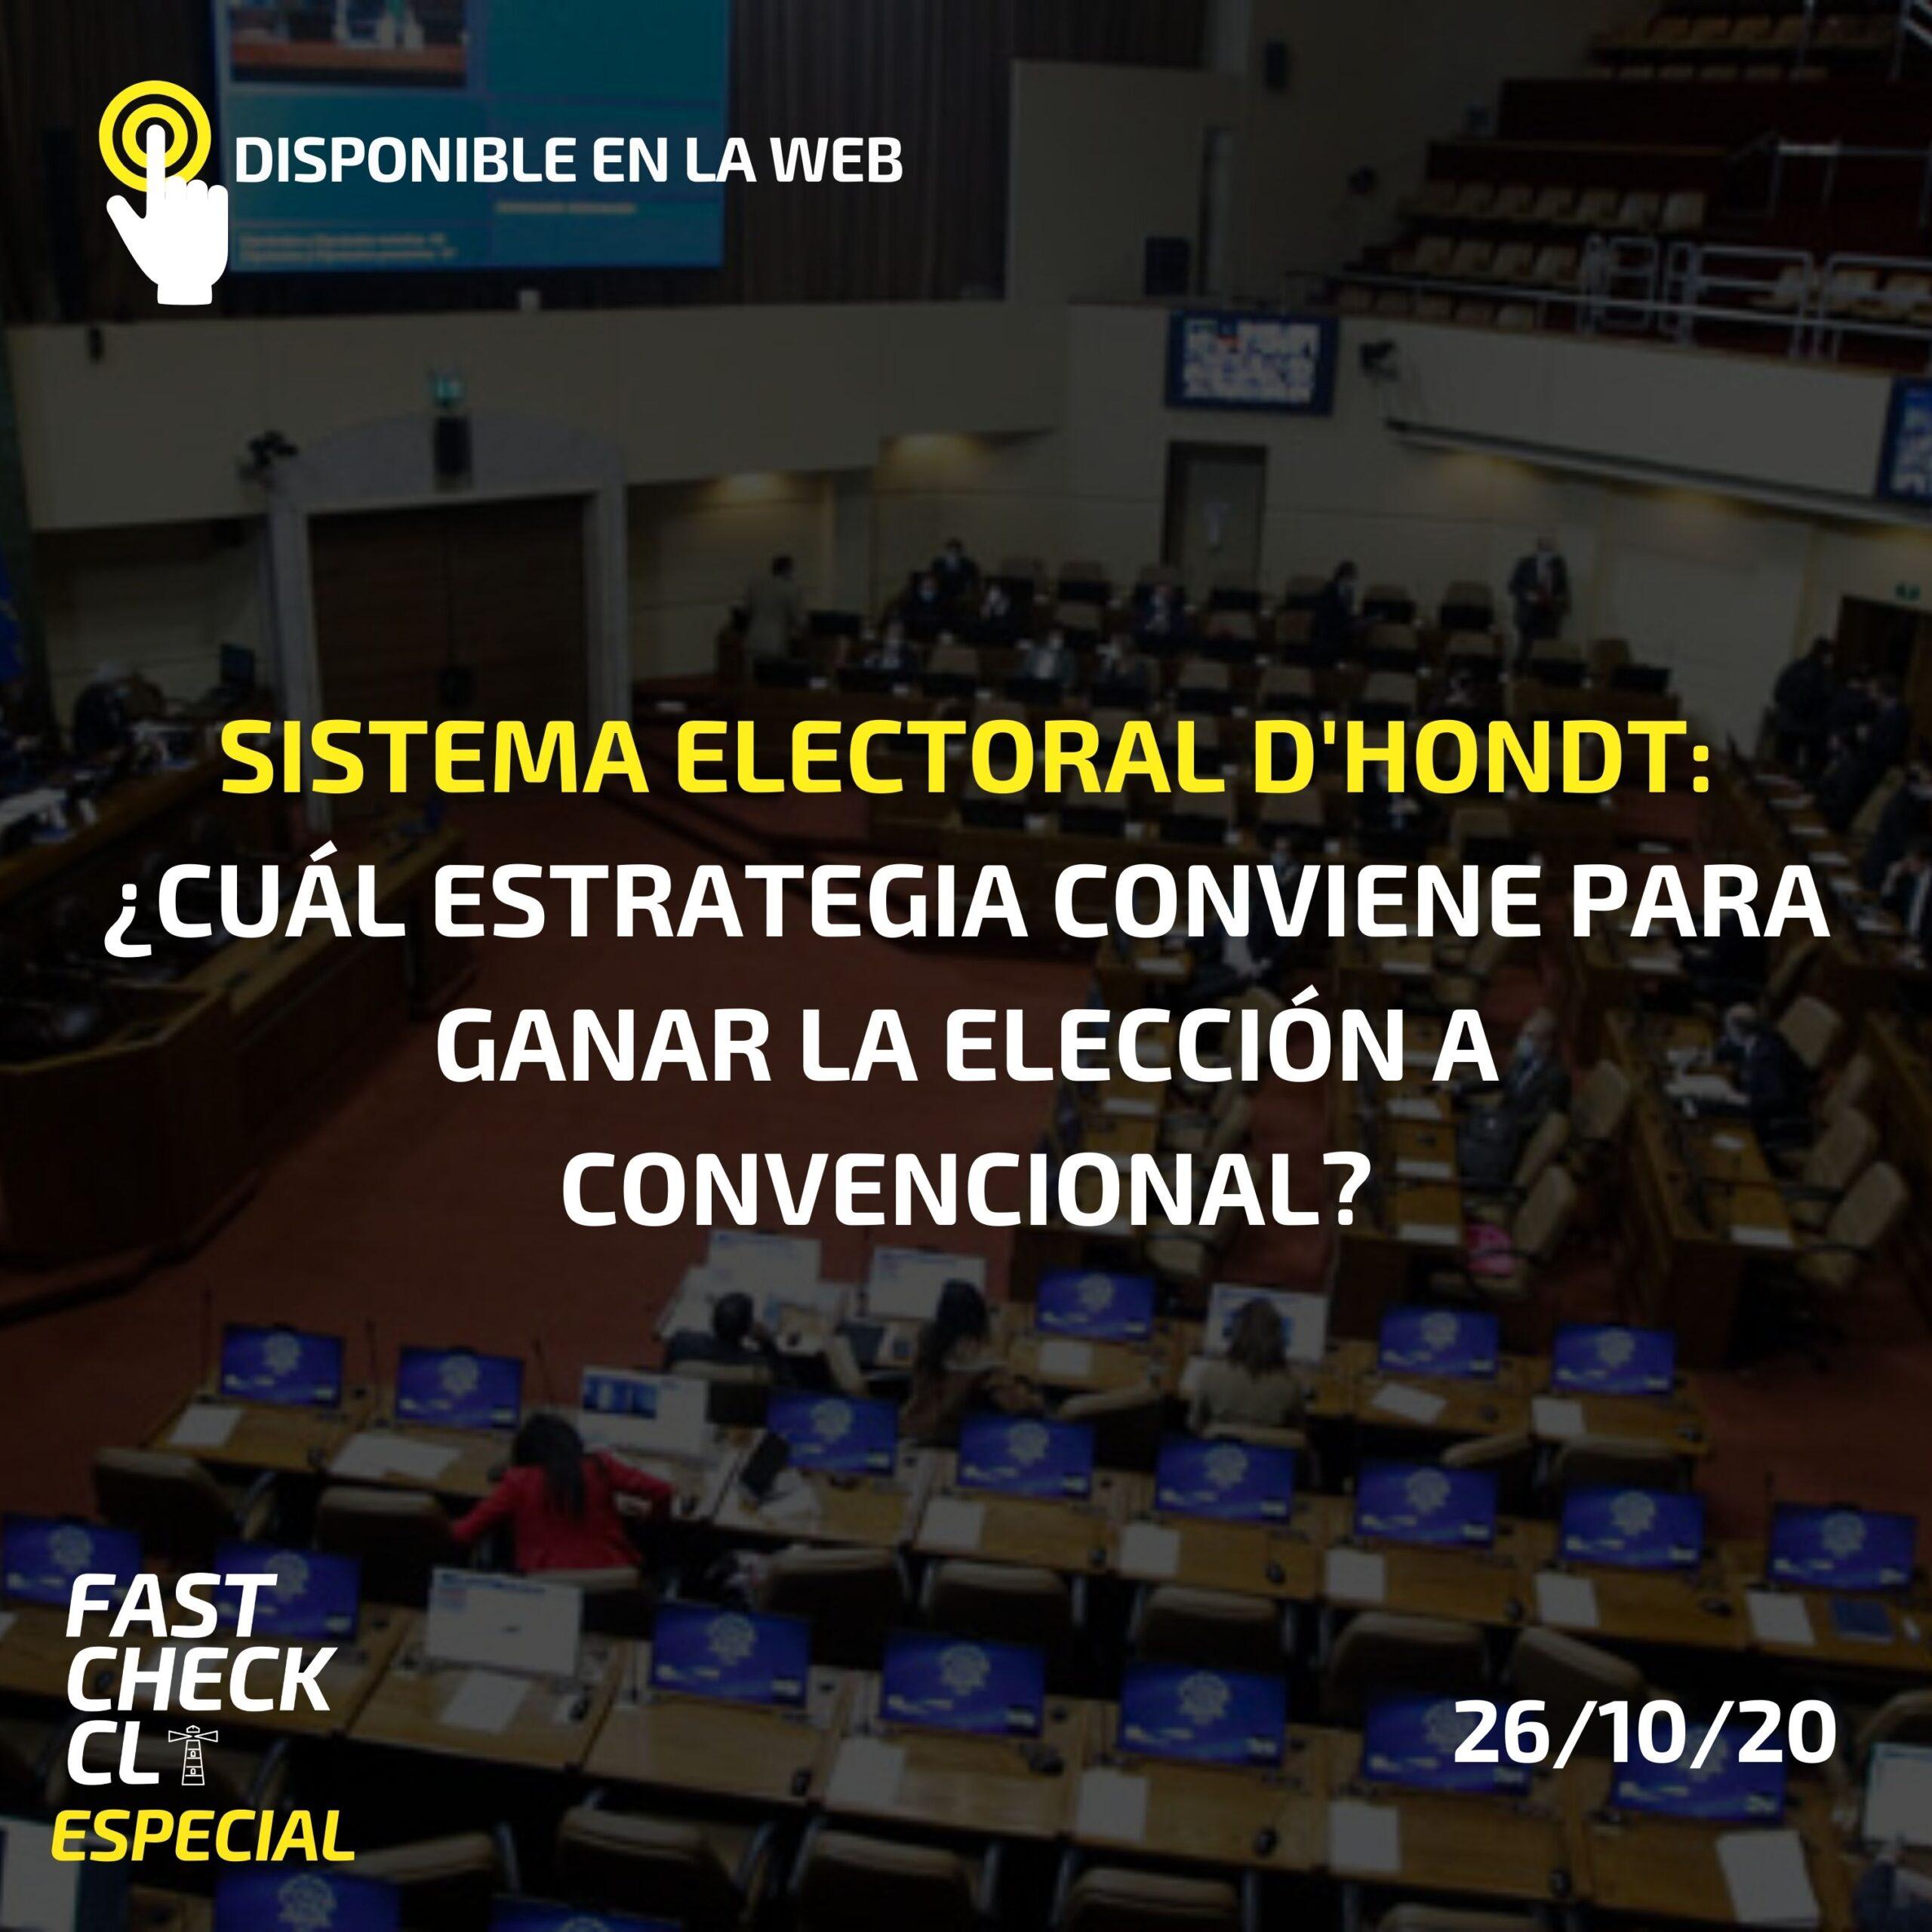 Sistema electoral D'Hondt: ¿cuál estrategia conviene para ganar la elección a convencional?